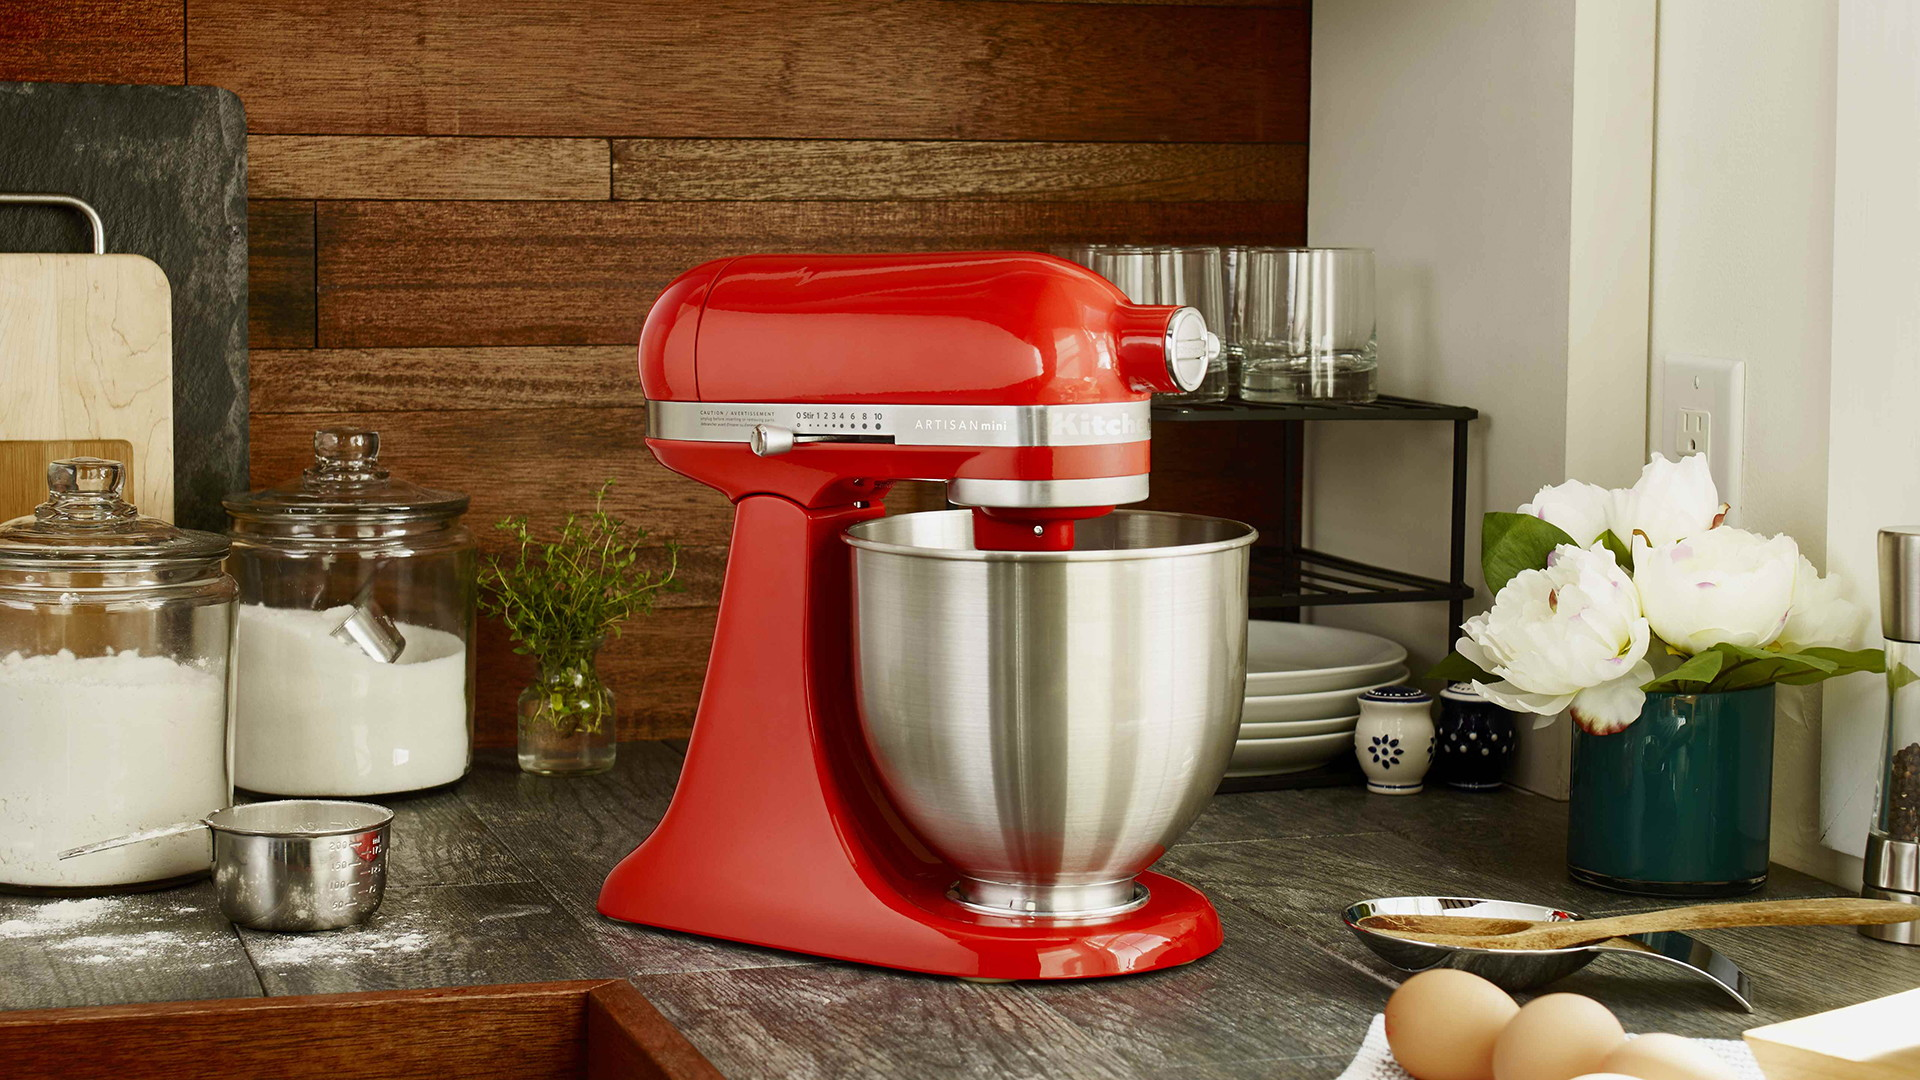 40 Off Kitchenaid Artisan 5 Quart Stand Mixer On Amazon